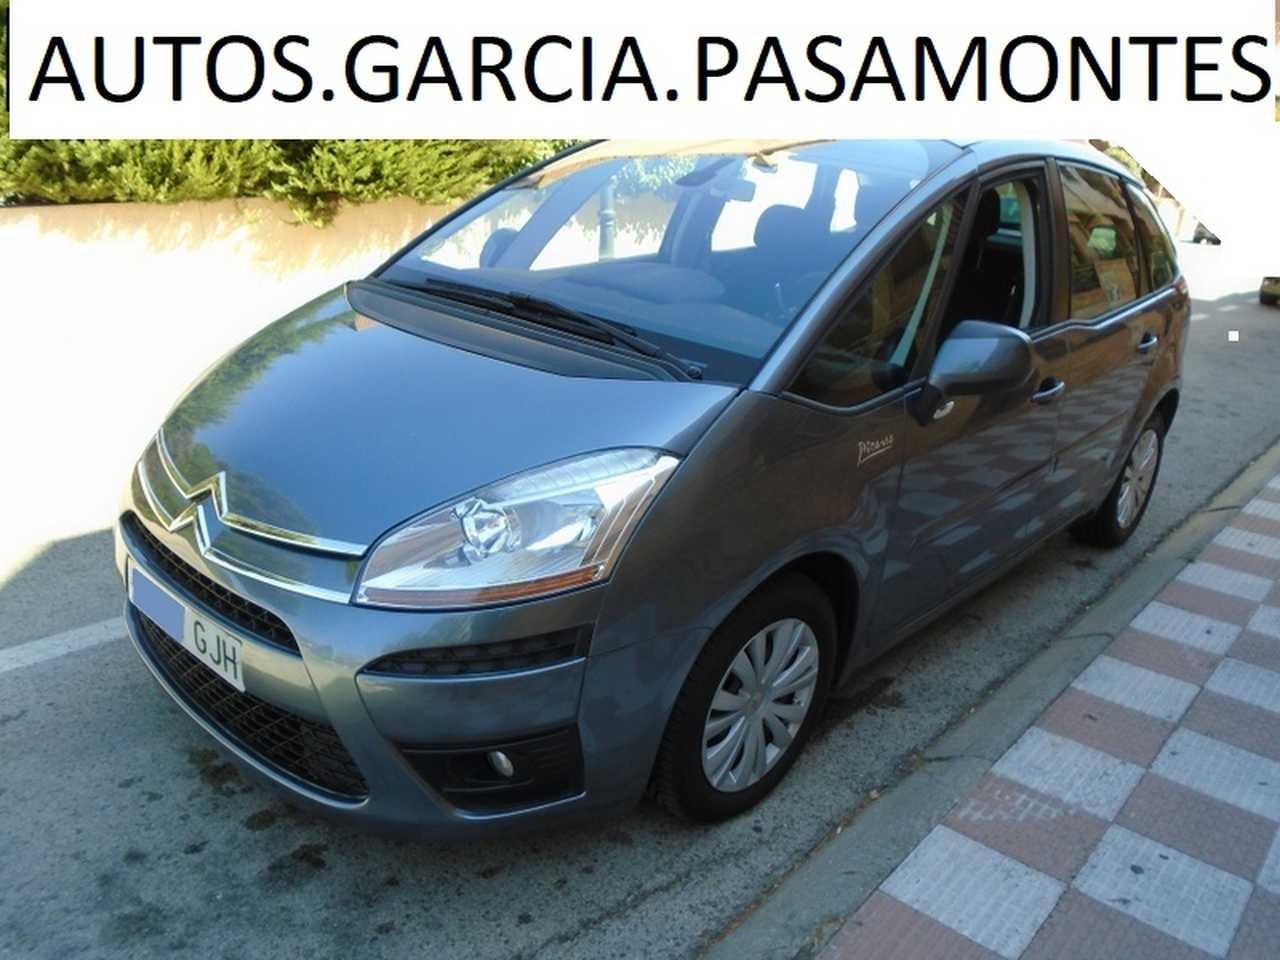 Citroën C4 Picasso 1.6 HDI   110 CV ADMITIMOS PRUEBA MECANICA  - Foto 1